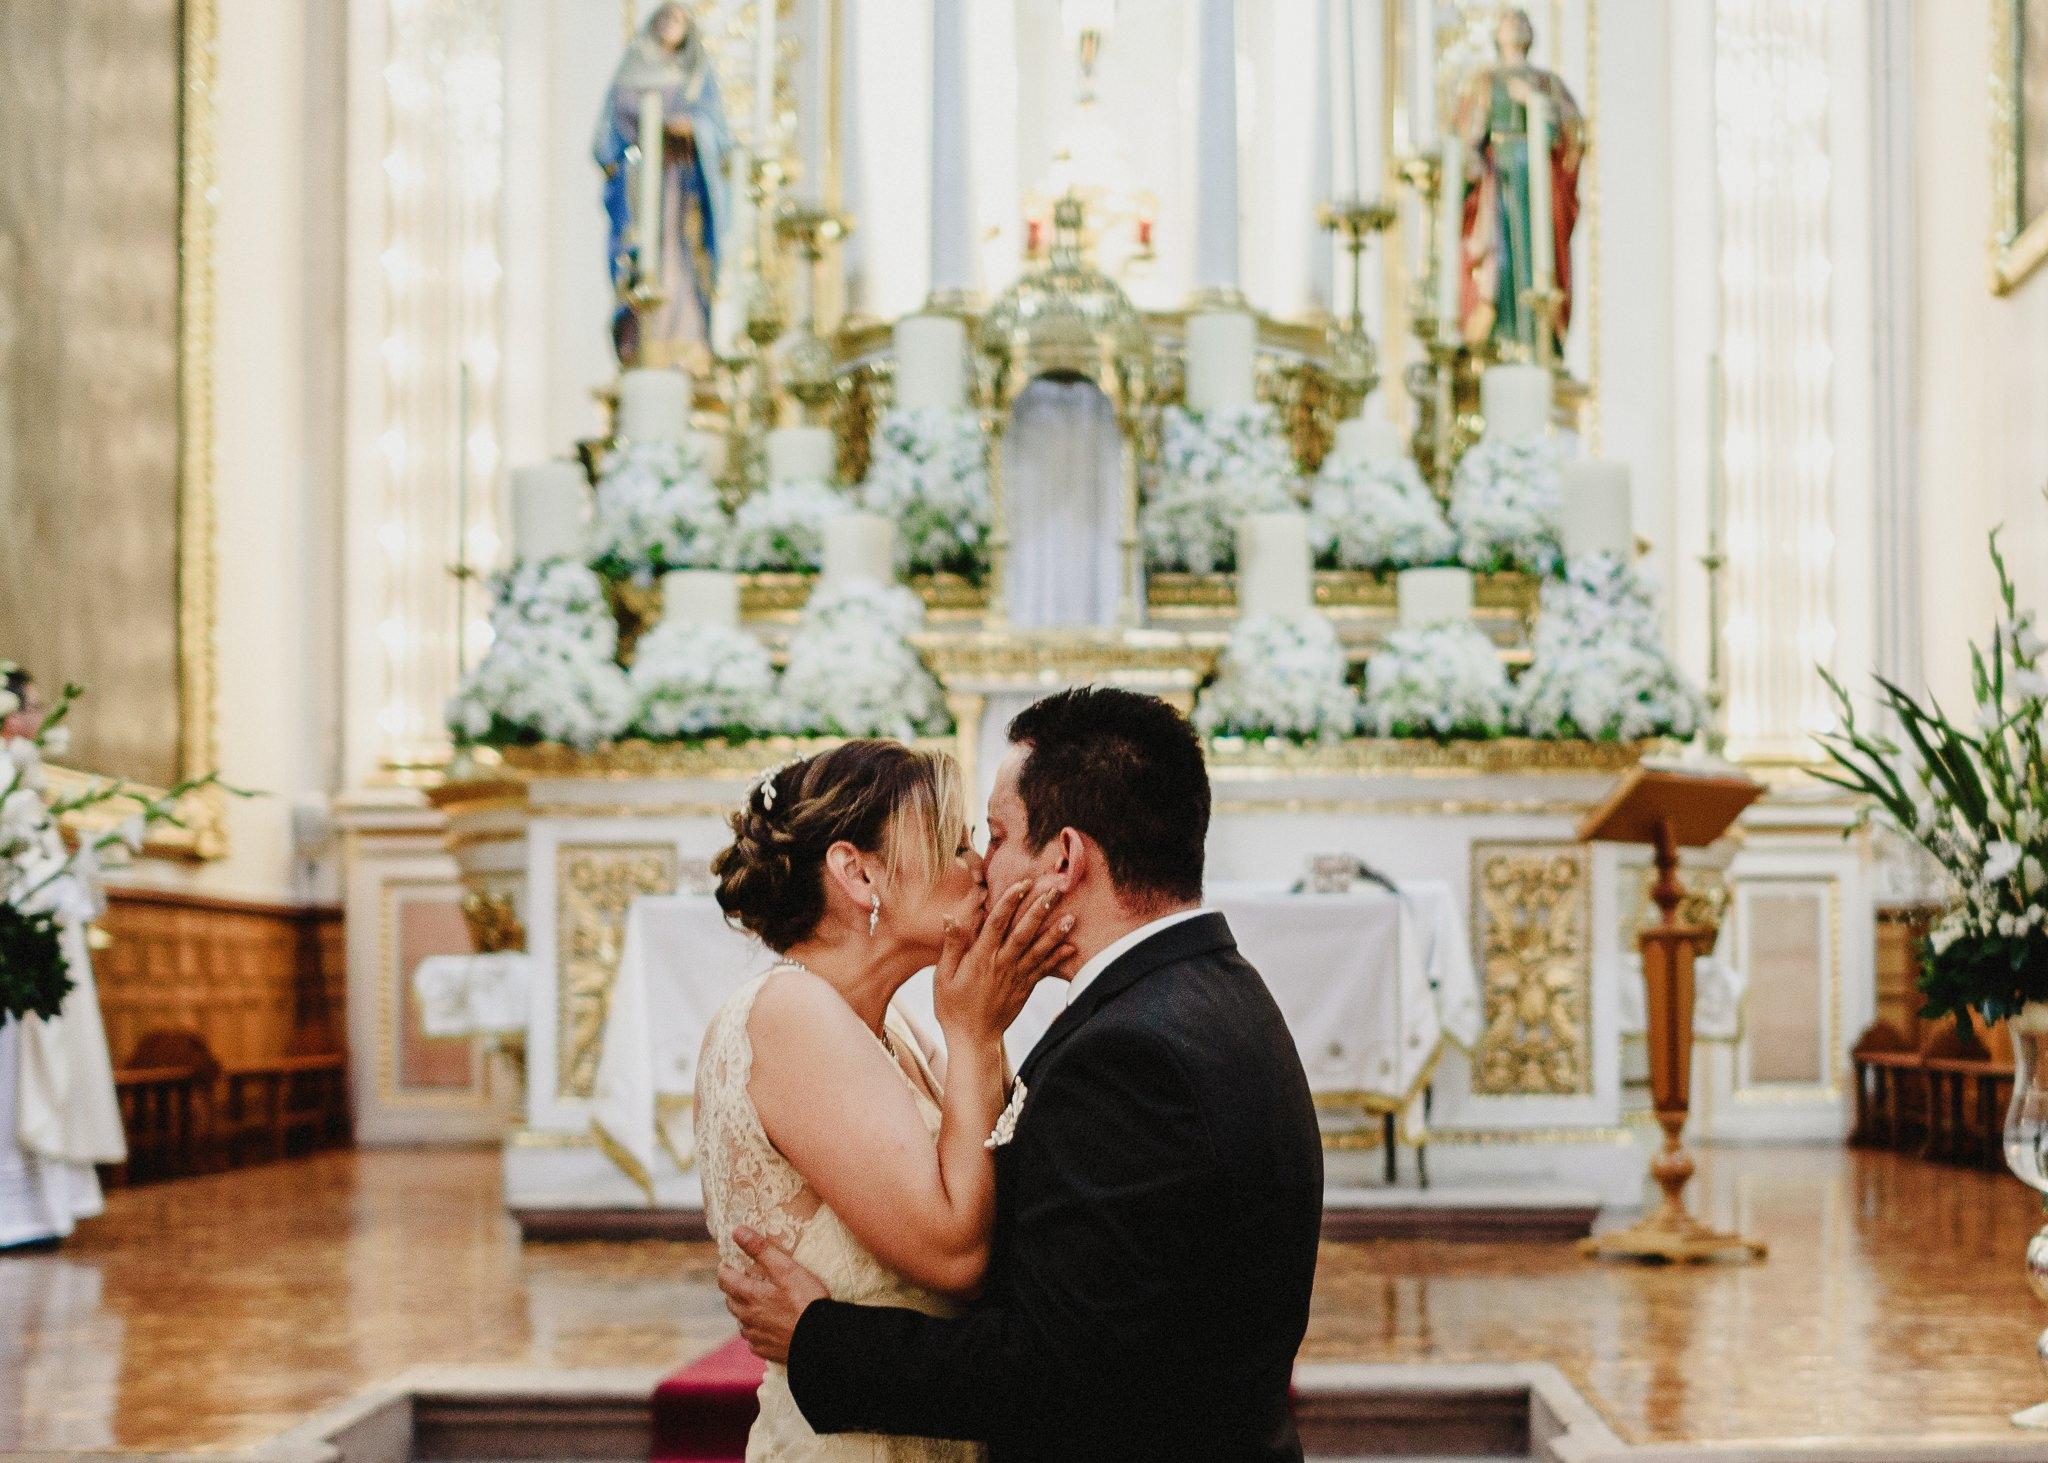 02boda-wedding-ceremonia-templo-barrio-del-encino-aguascalientes-fotografo-luis-houdin70